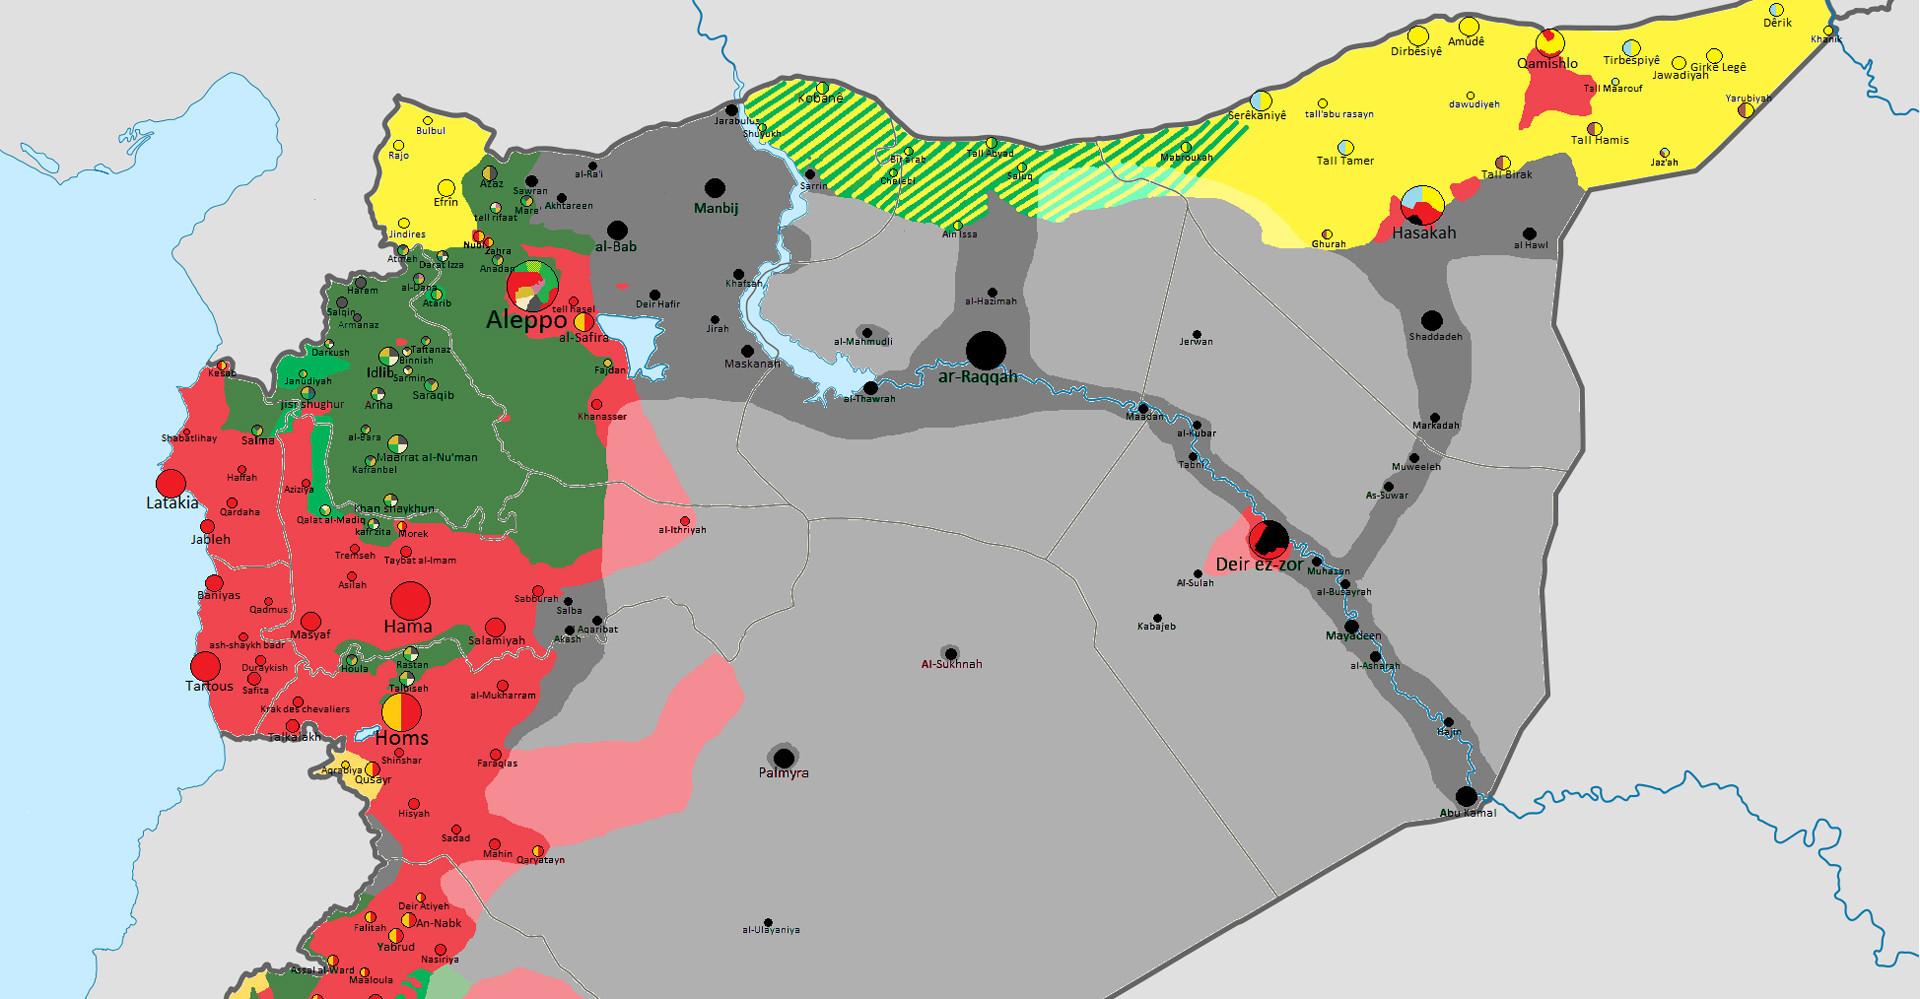 Trump ima bizarno objašnjenje za izdaju Kurda:'Nisu nam pomogli u Normandiji' 559ece7a746071336735492